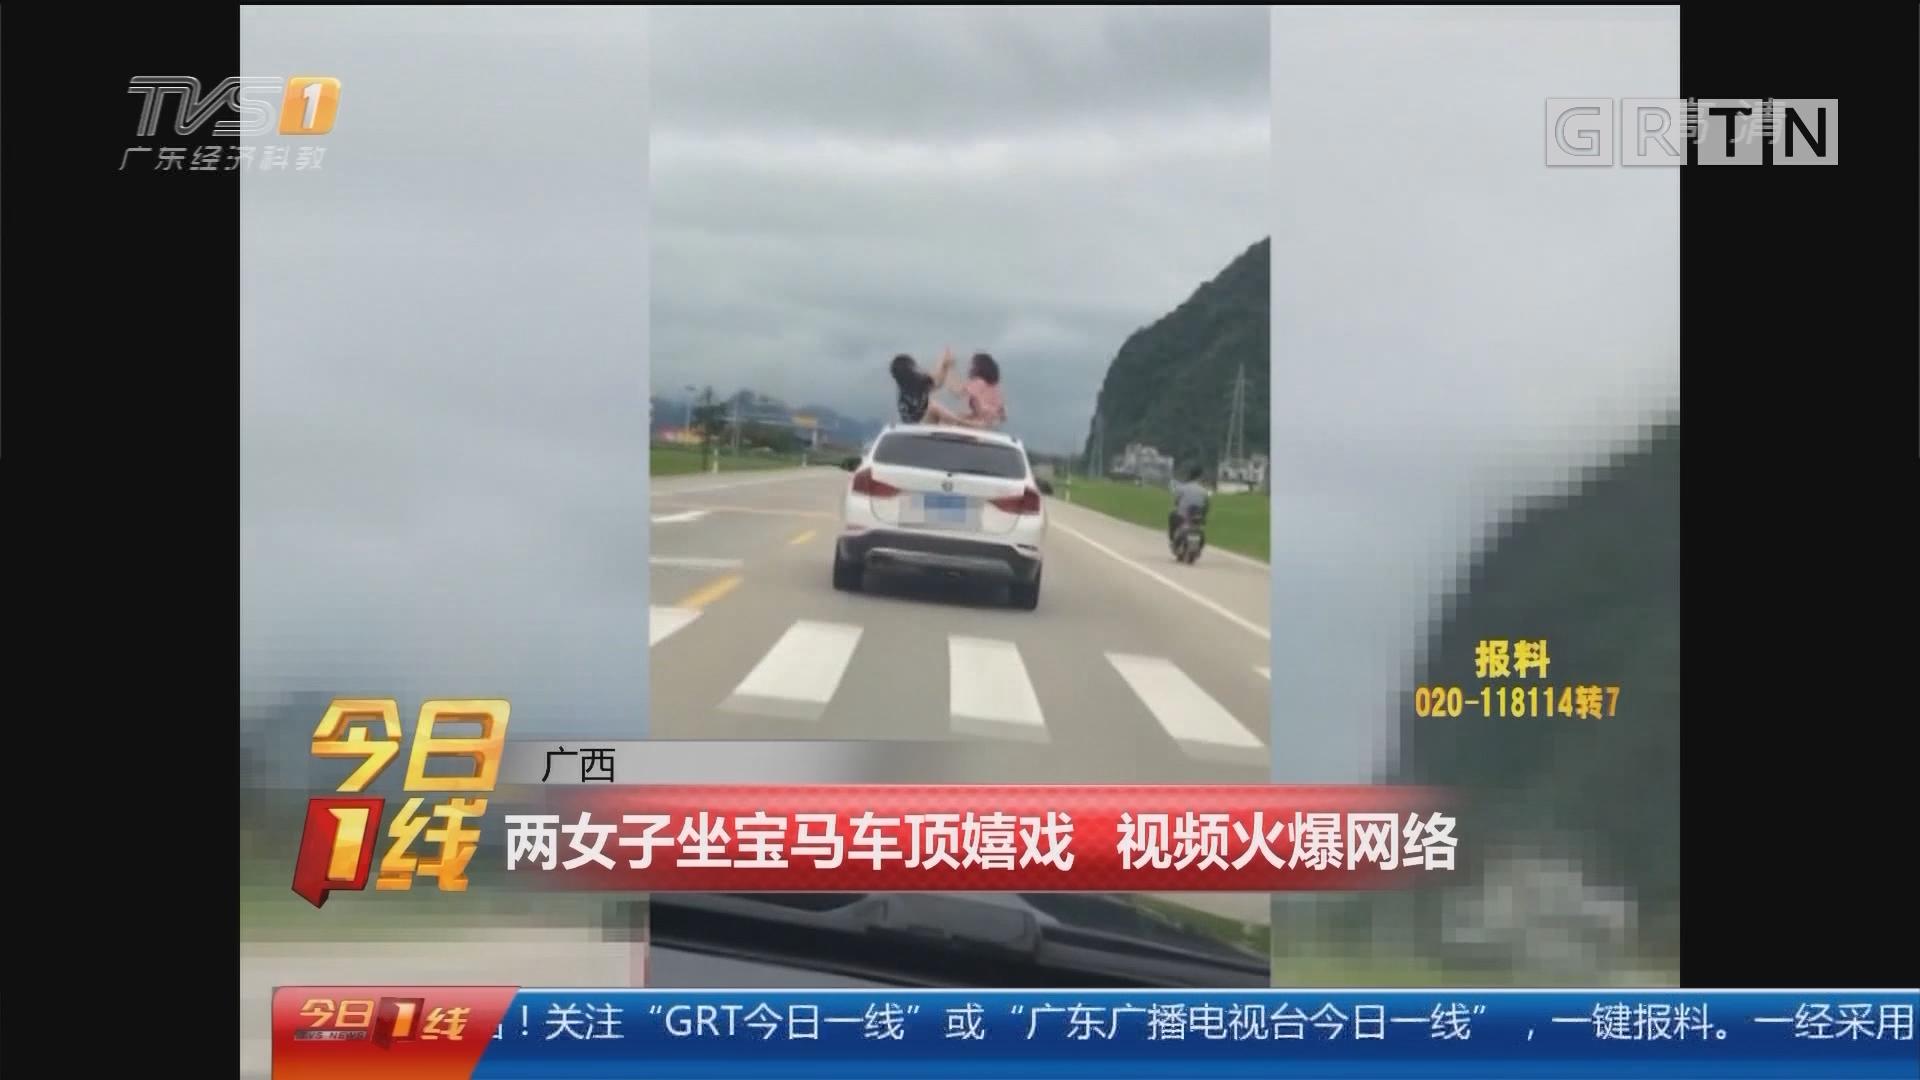 广西:两女子坐宝马车顶嬉戏 视频火爆网络